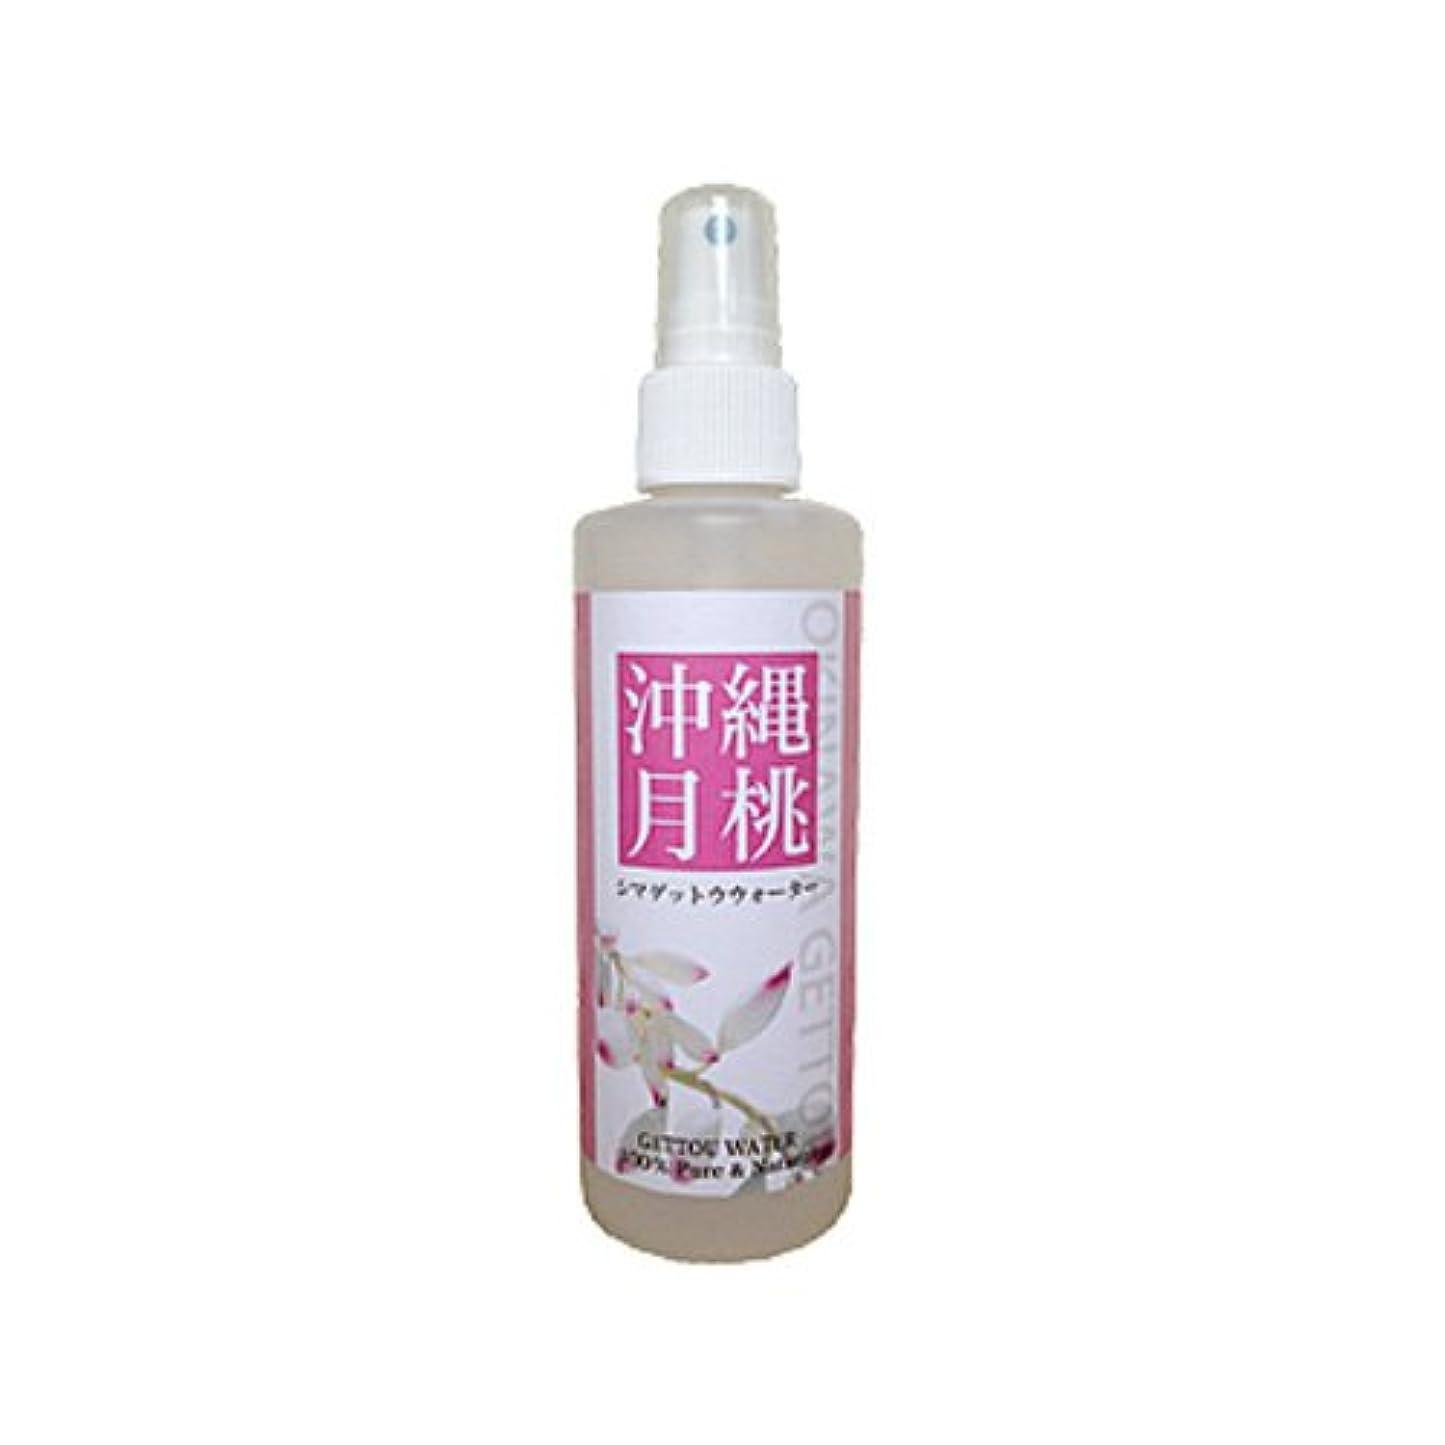 放牧するモジュールファイター月桃蒸留水 フローラルウォーター シマ月桃葉100%使用 200ml